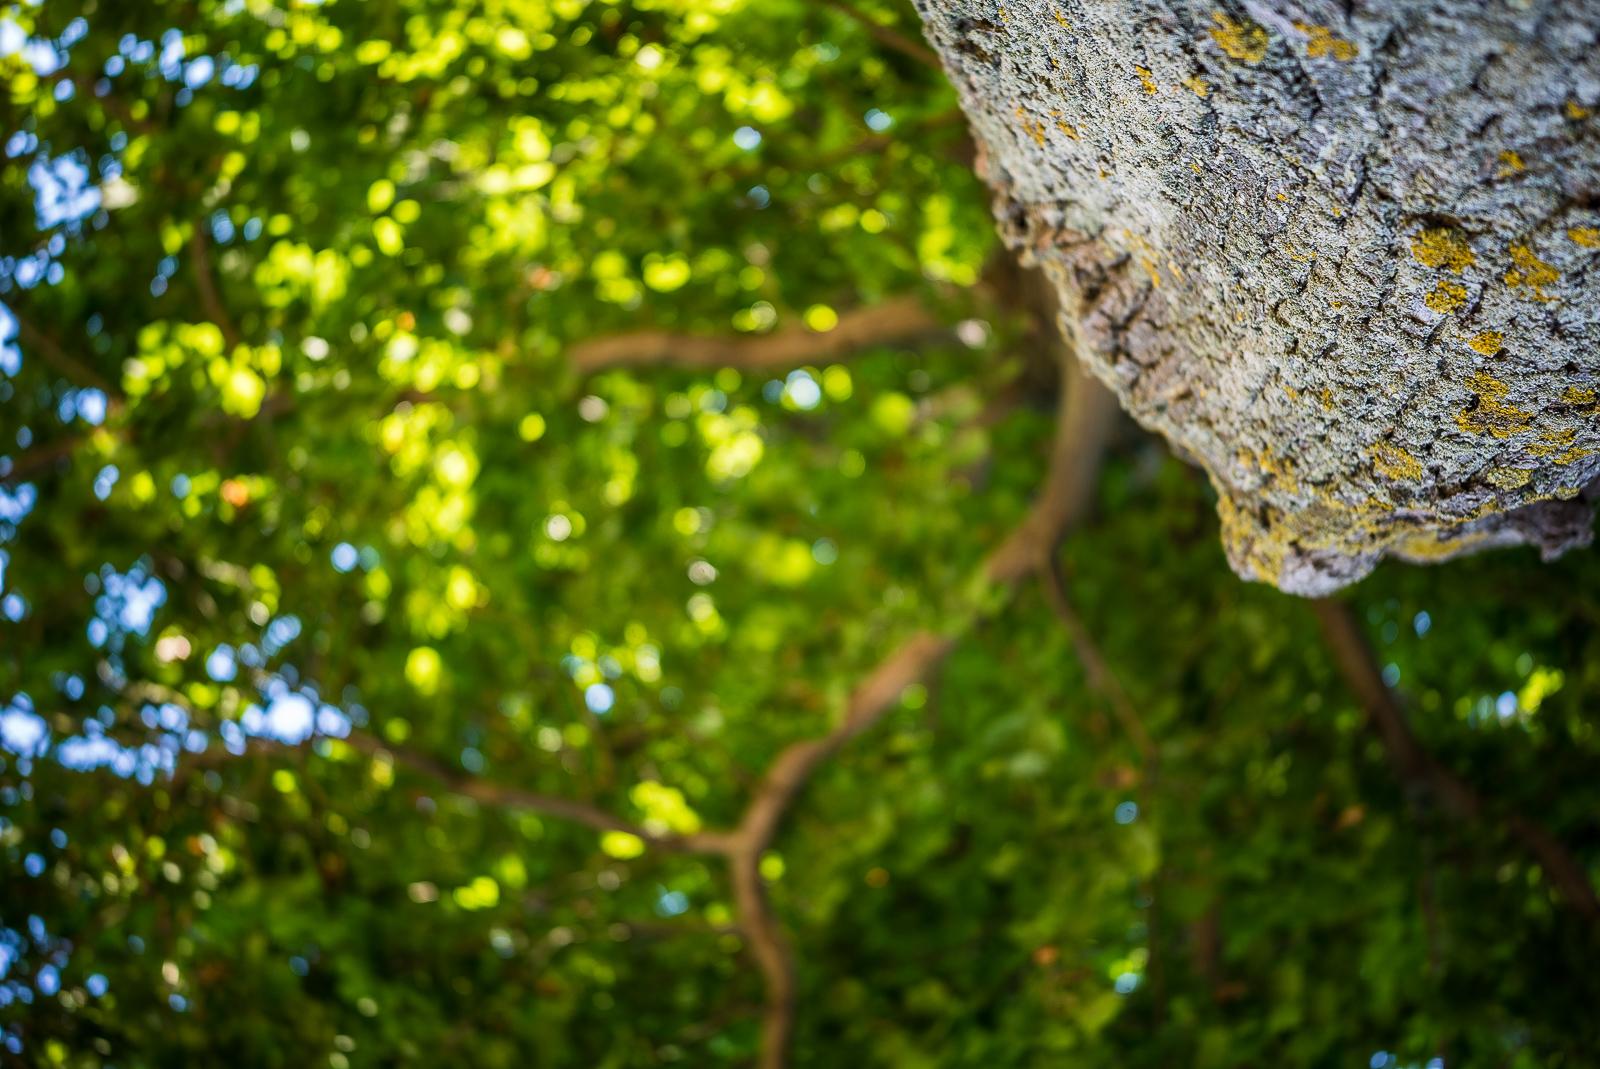 Blick am Baumstamm nach oben